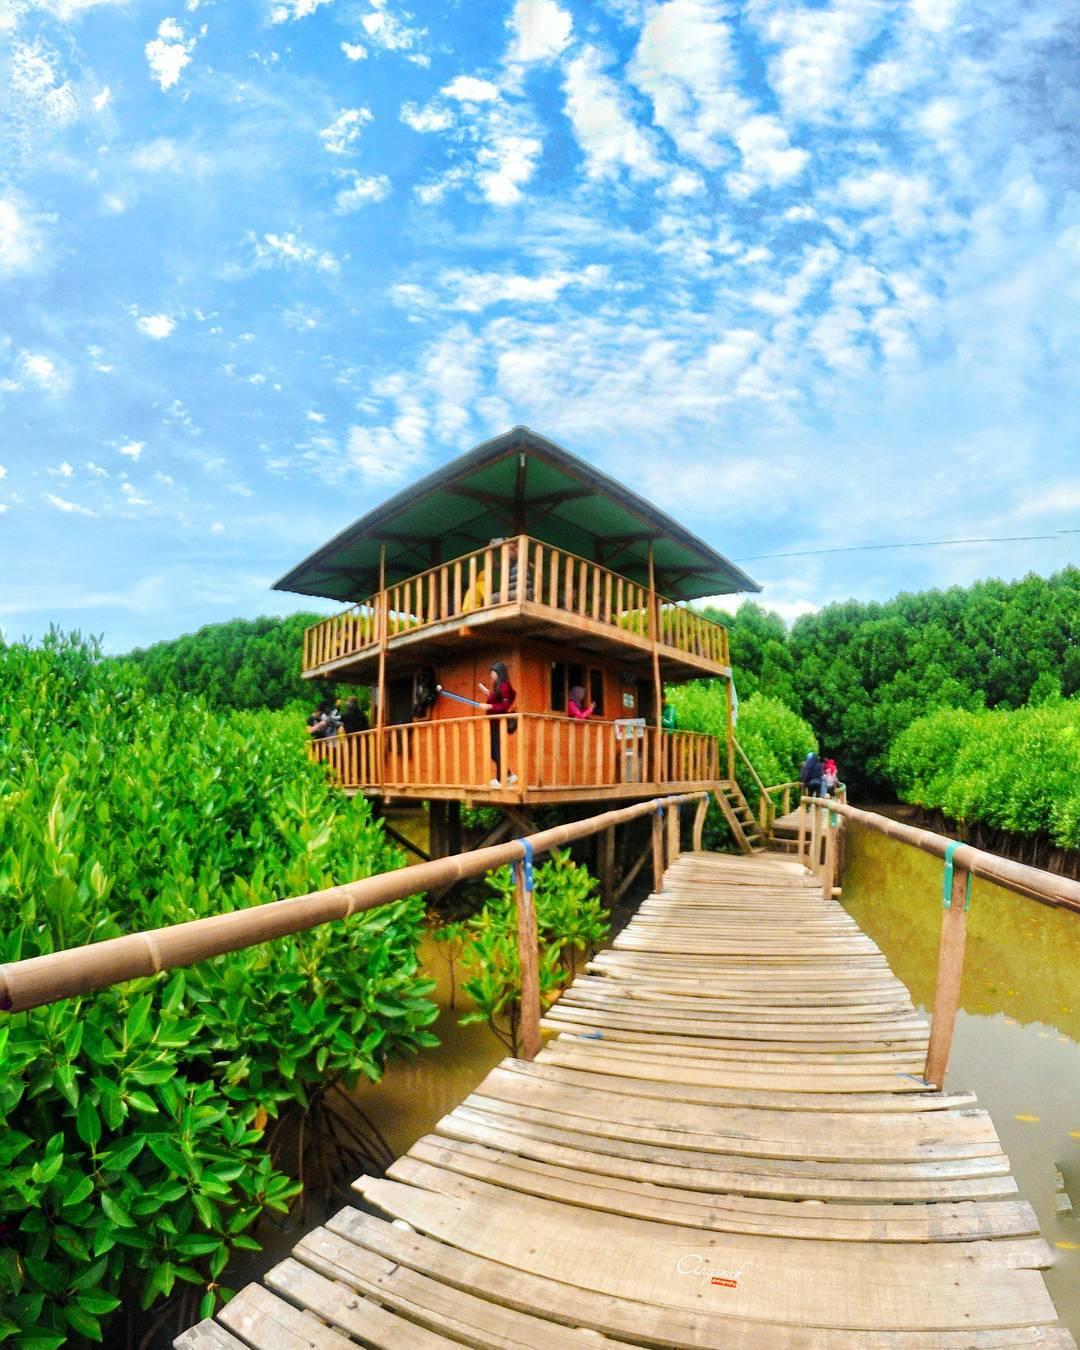 Pantai Logending Menikmati Indahnya Laut Selatan Rimbunya Hutan Mangrove Kab